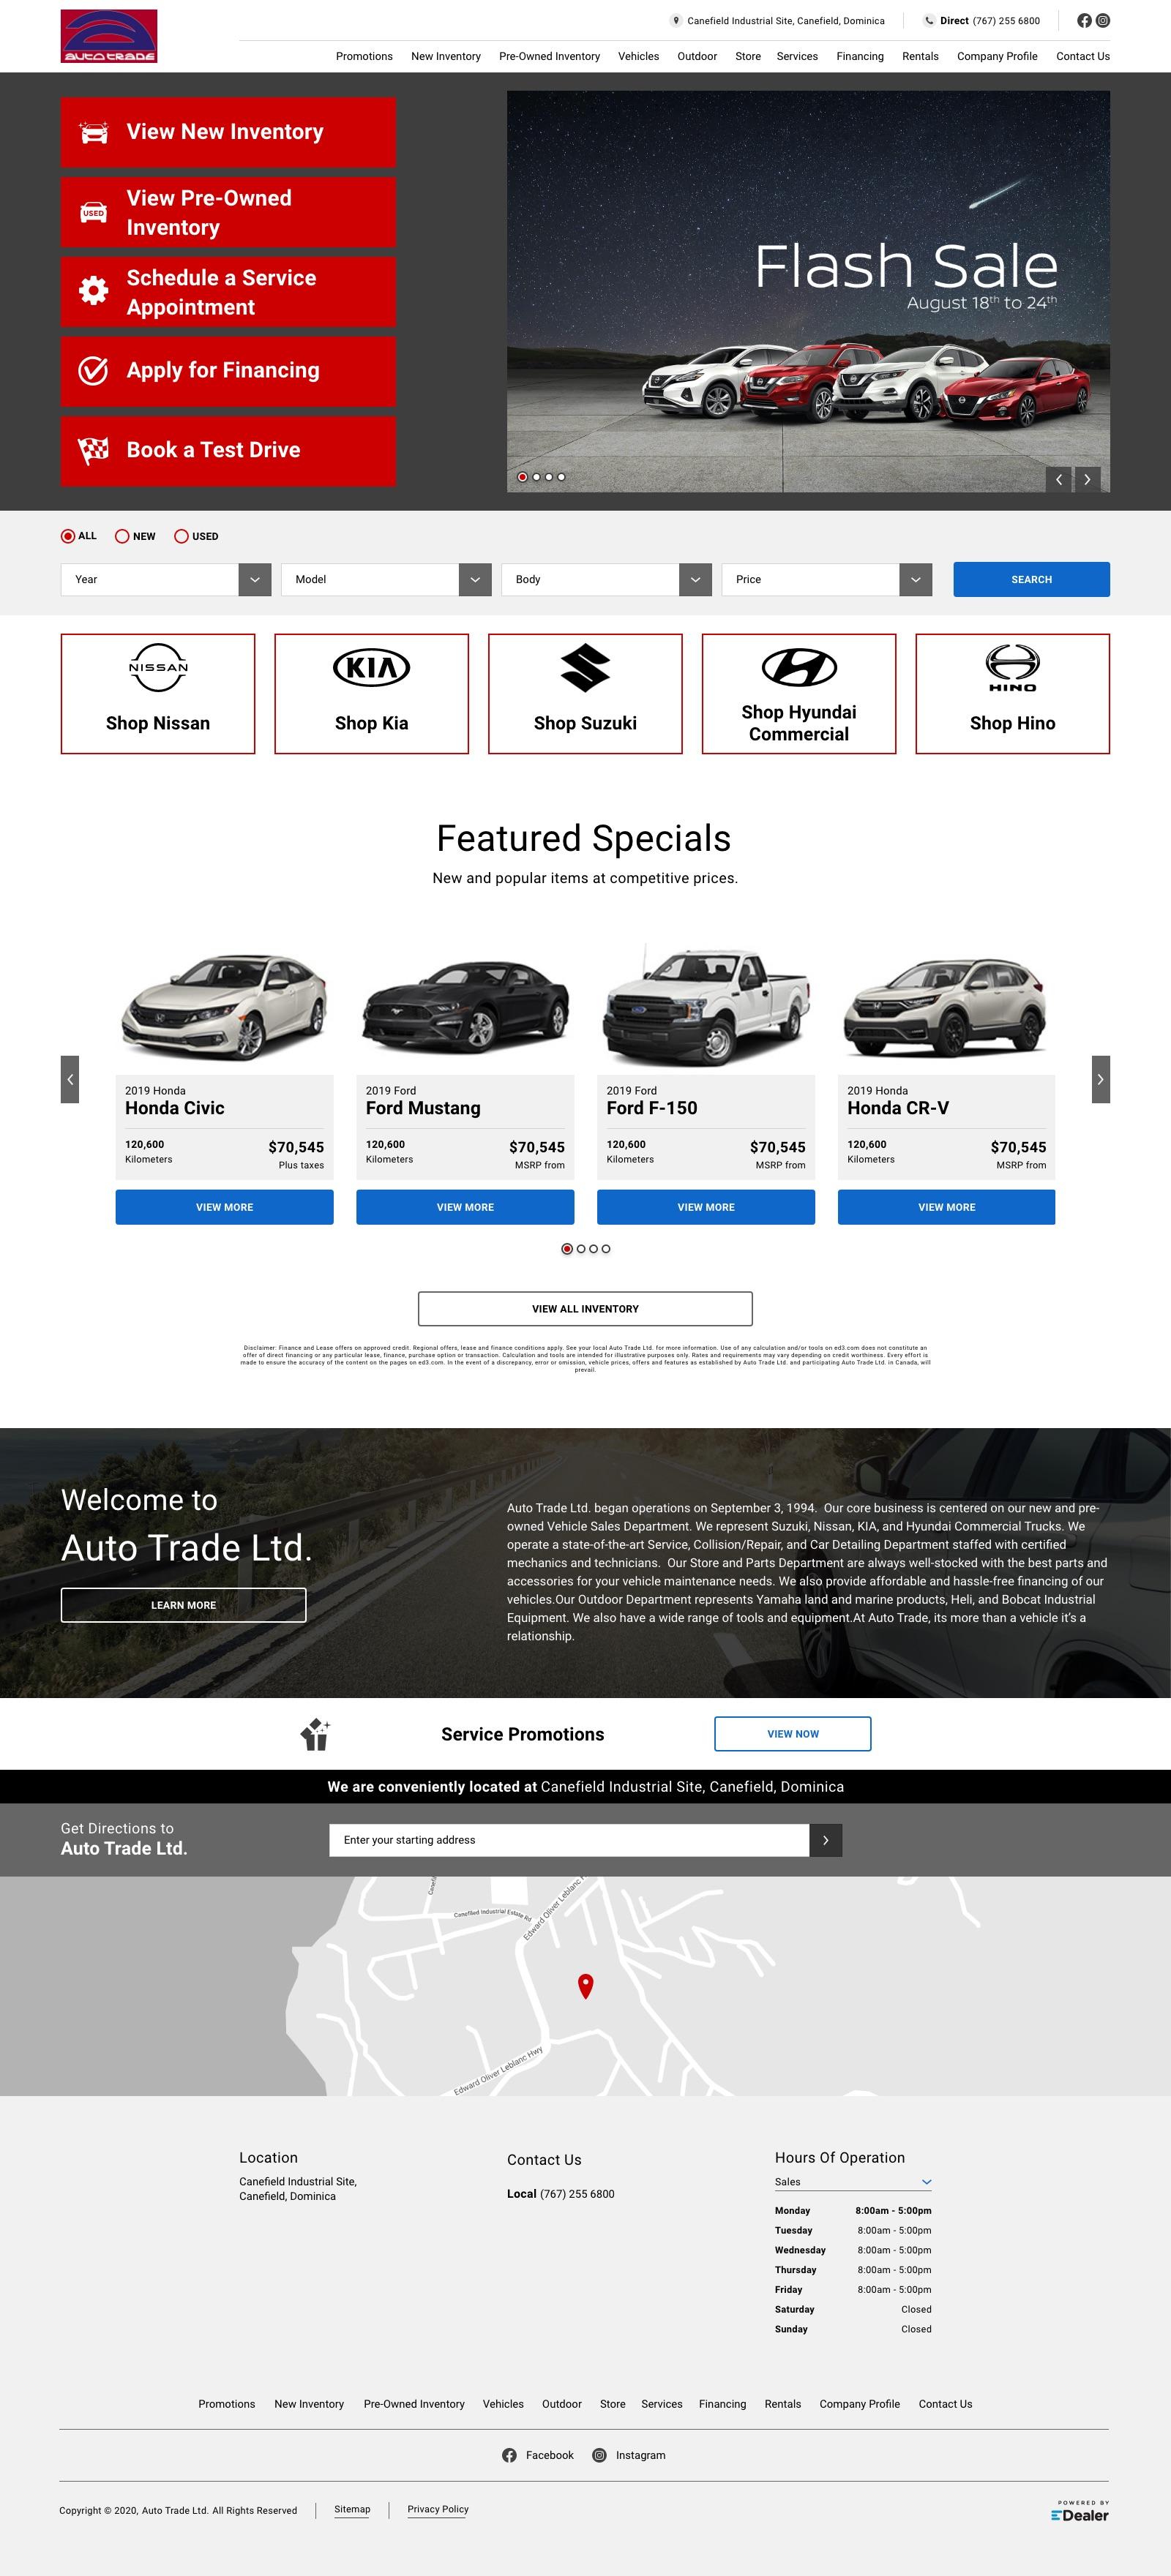 Auto Trade Ltd